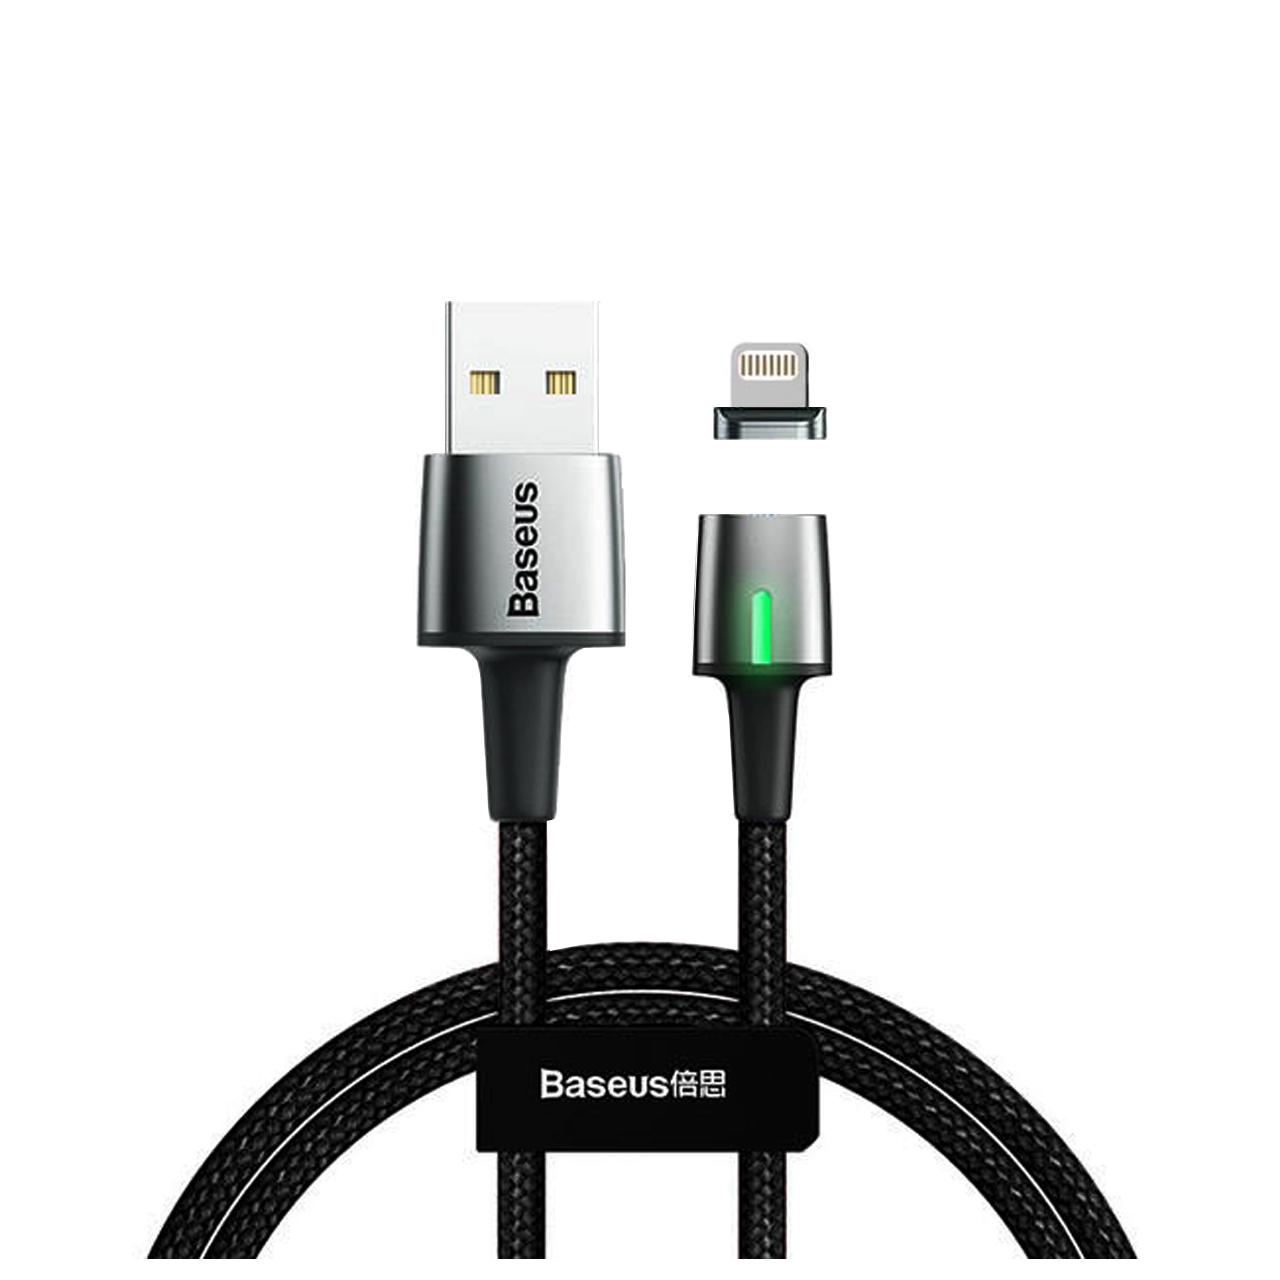 کابل تبدیل USB به لایتنینگ باسئوس مدل Zinc طول 1 متر